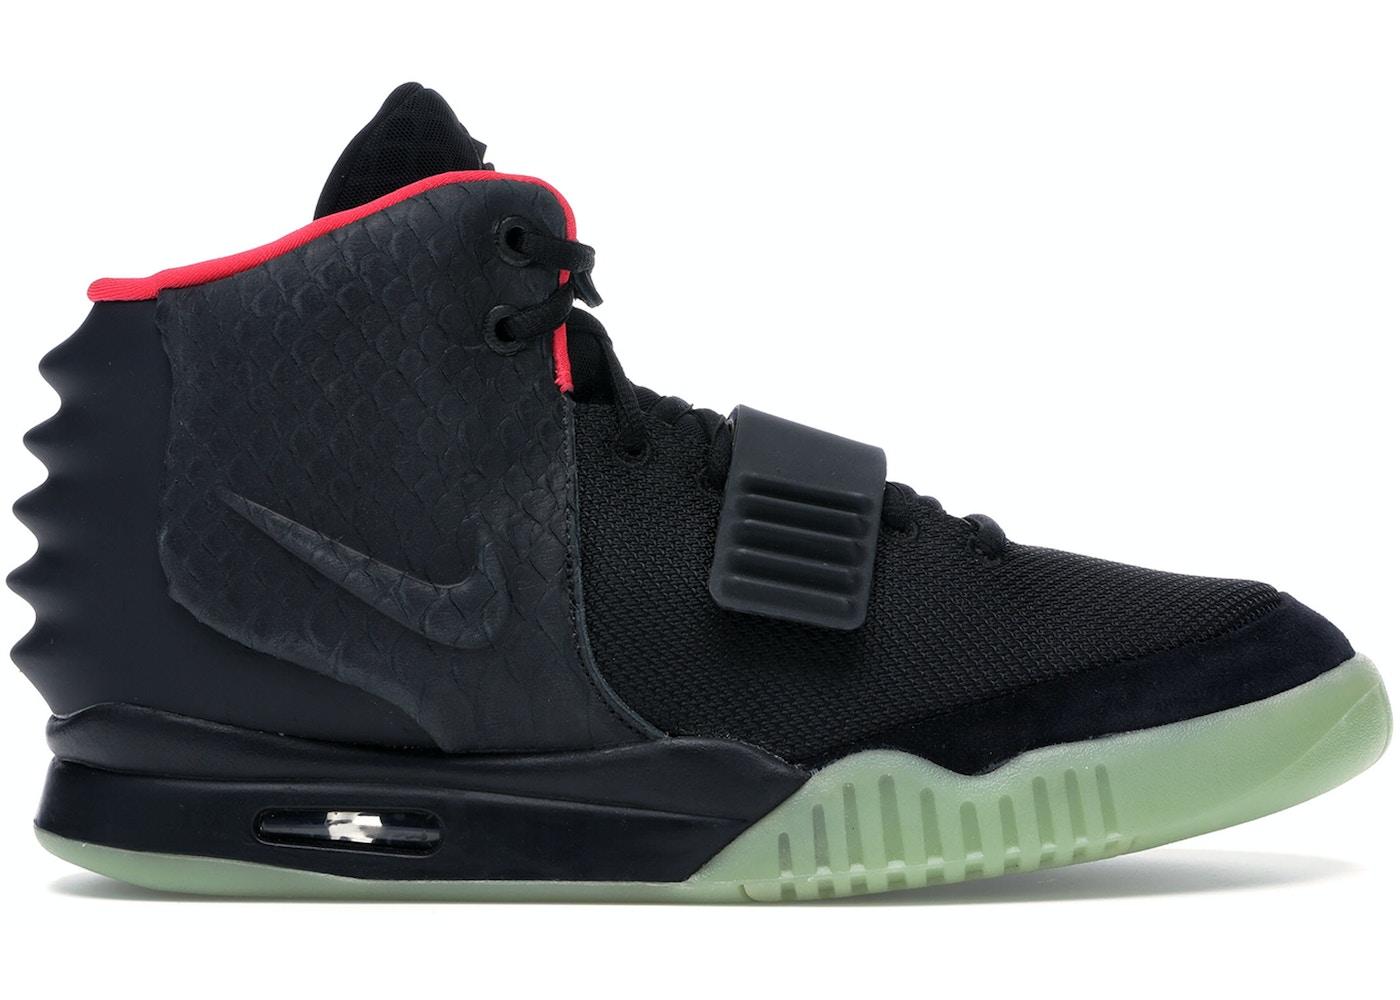 Teórico estético Agarrar  Nike Air Yeezy 2 Solar Red - 508214-006